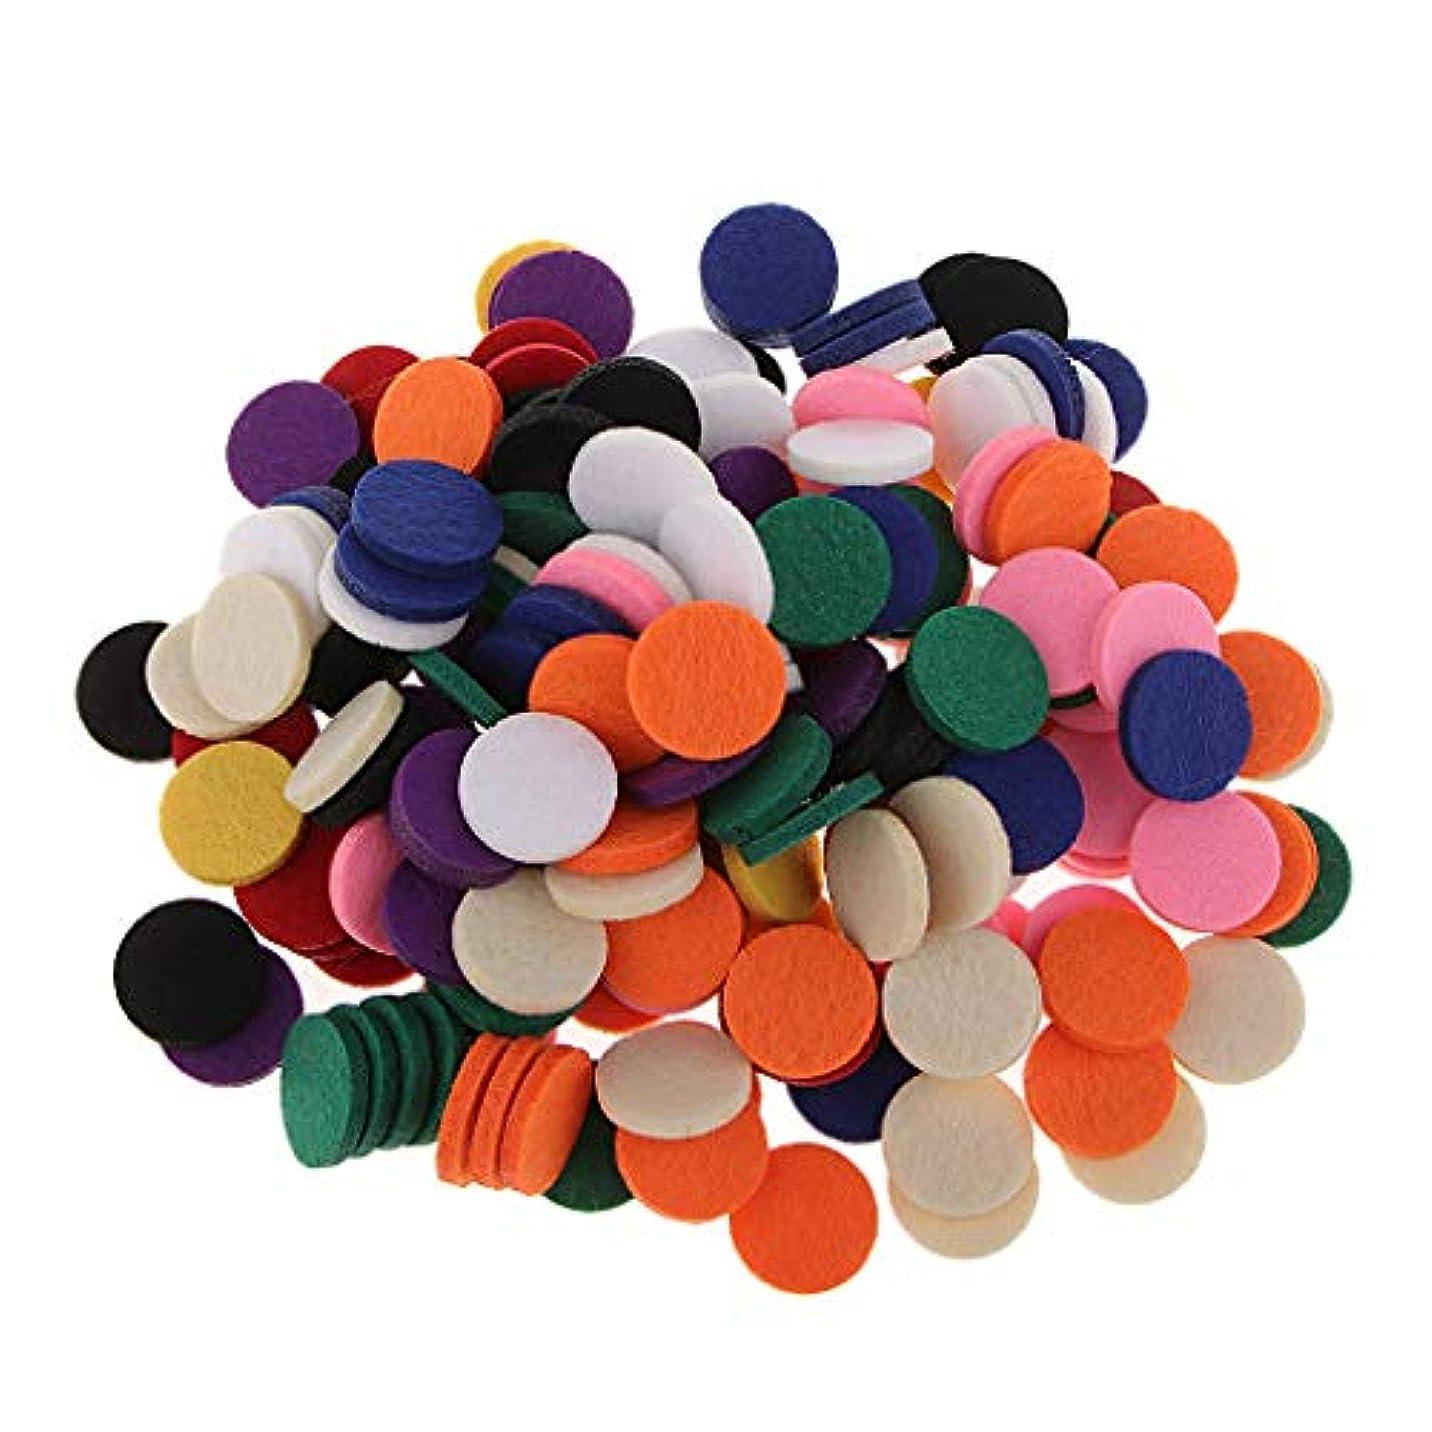 バット味わうペナルティアロマオイルパッド アロマパッド 詰め替えパッド チェアマット 高い吸収性 香水 全11色 約200個入り - 混在